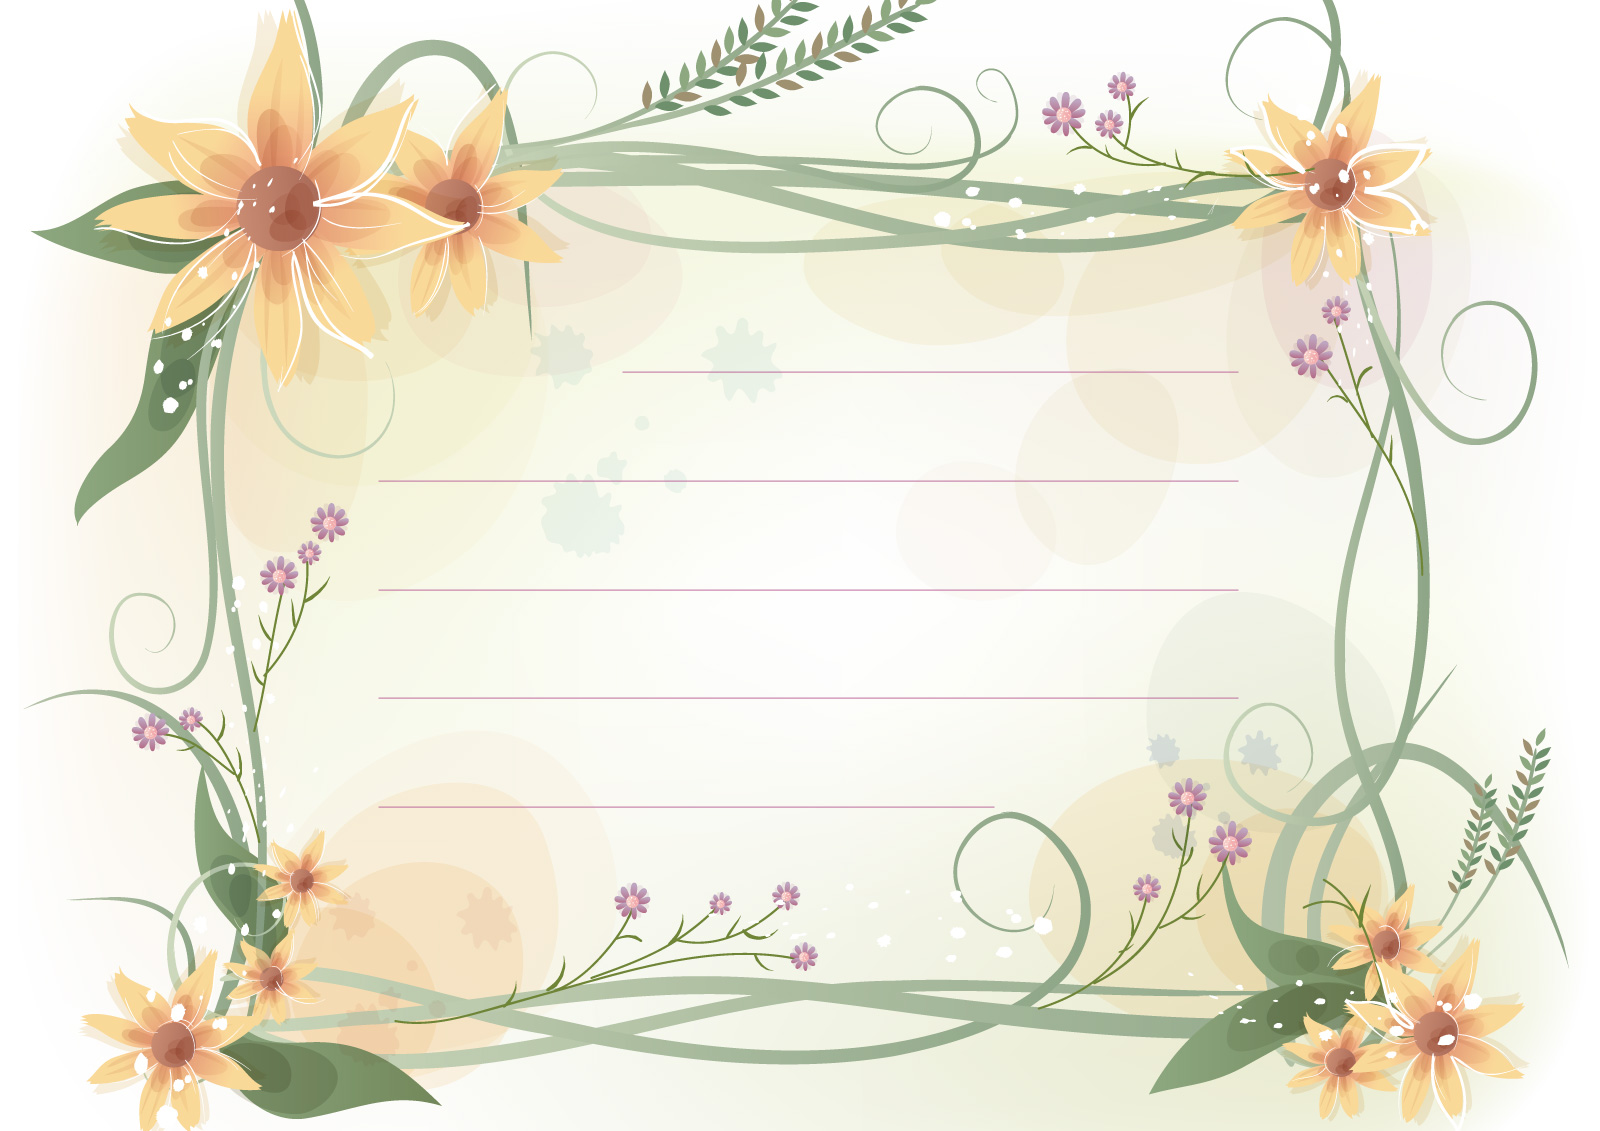 plantillas para cartas de amor